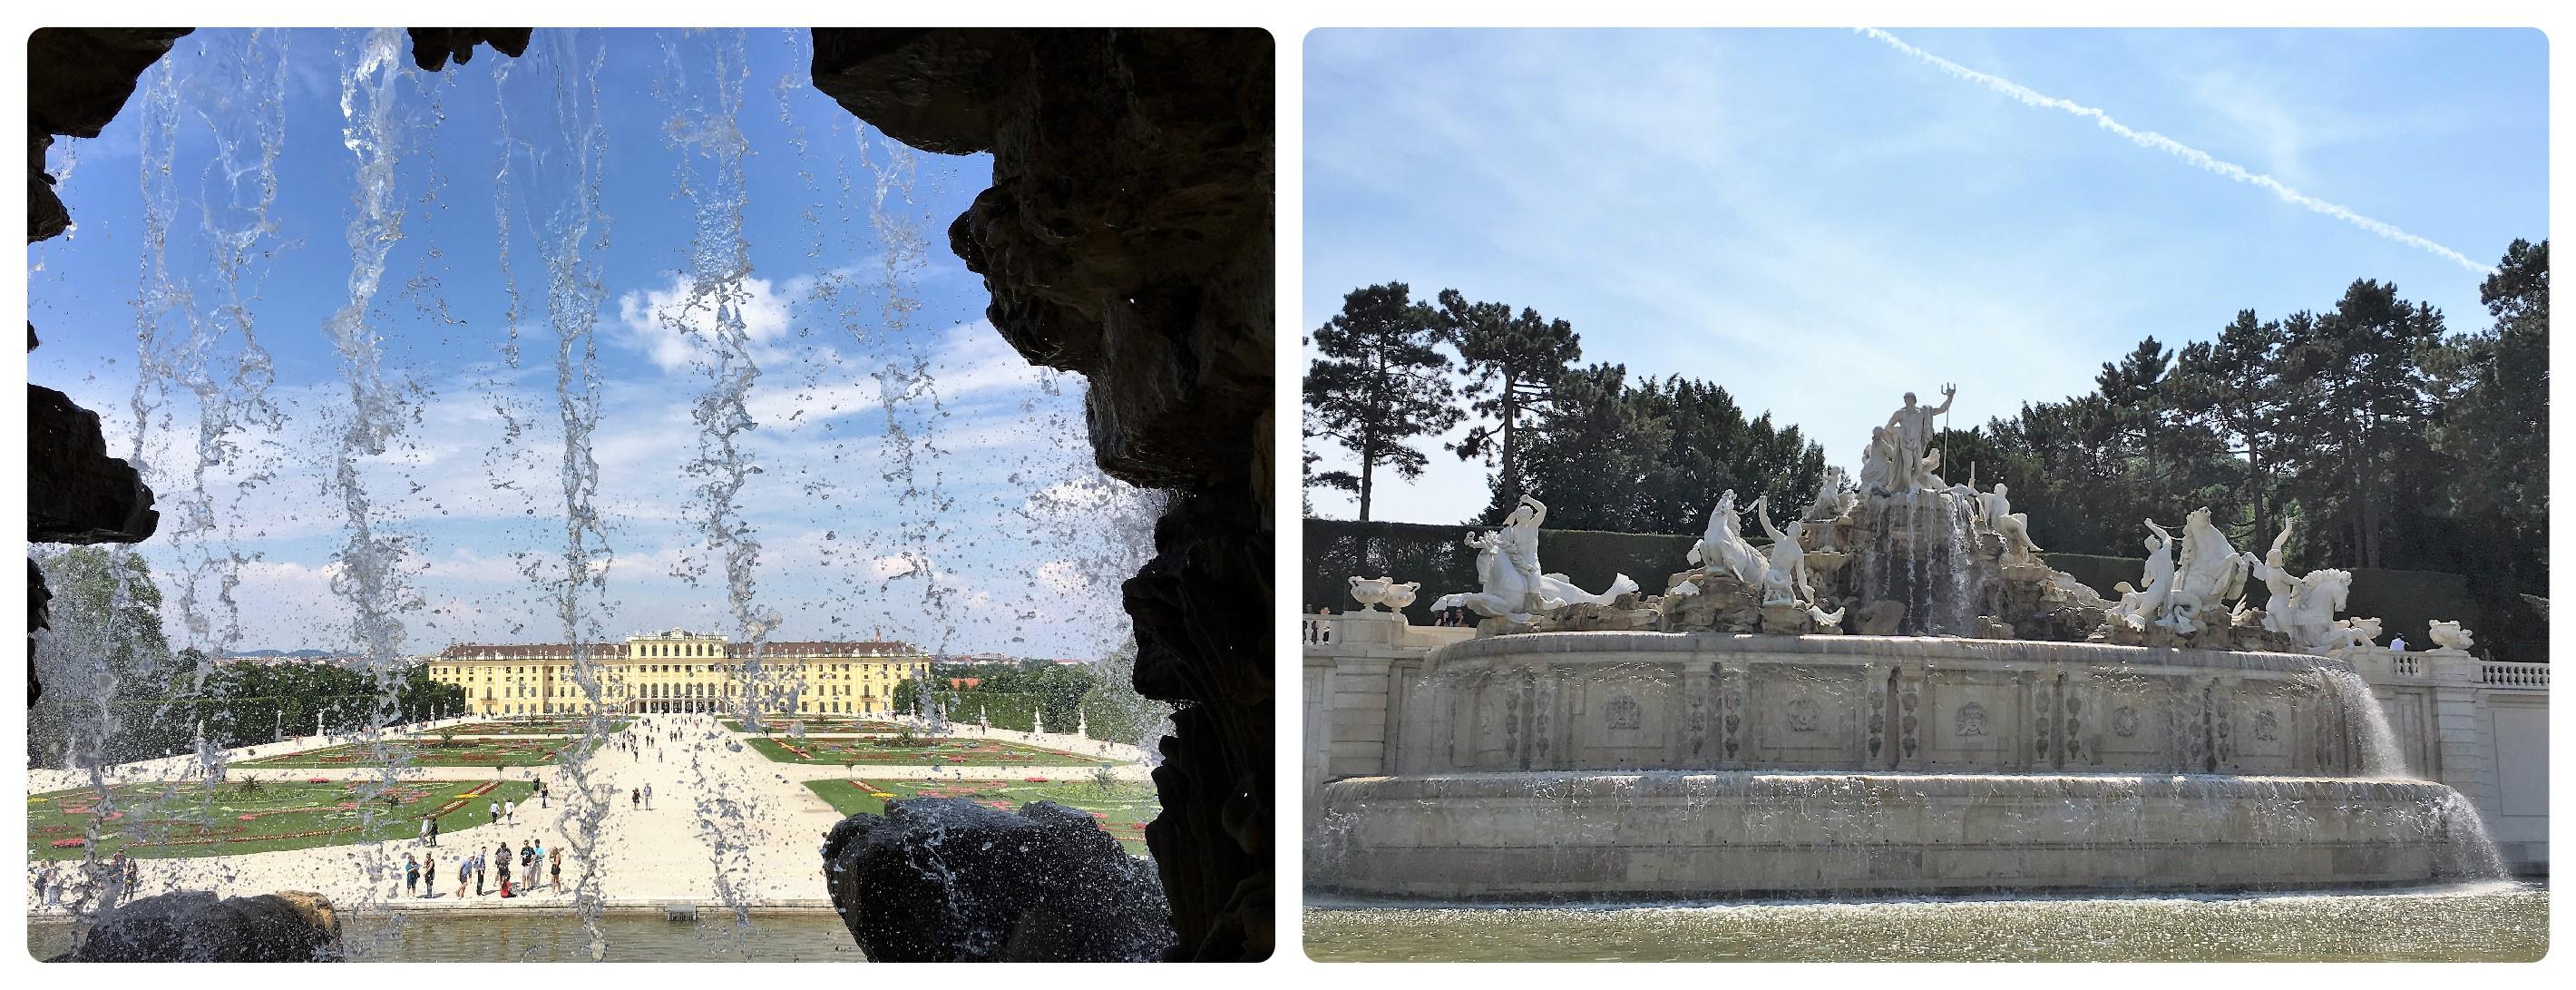 Brunnen Schönbrunn